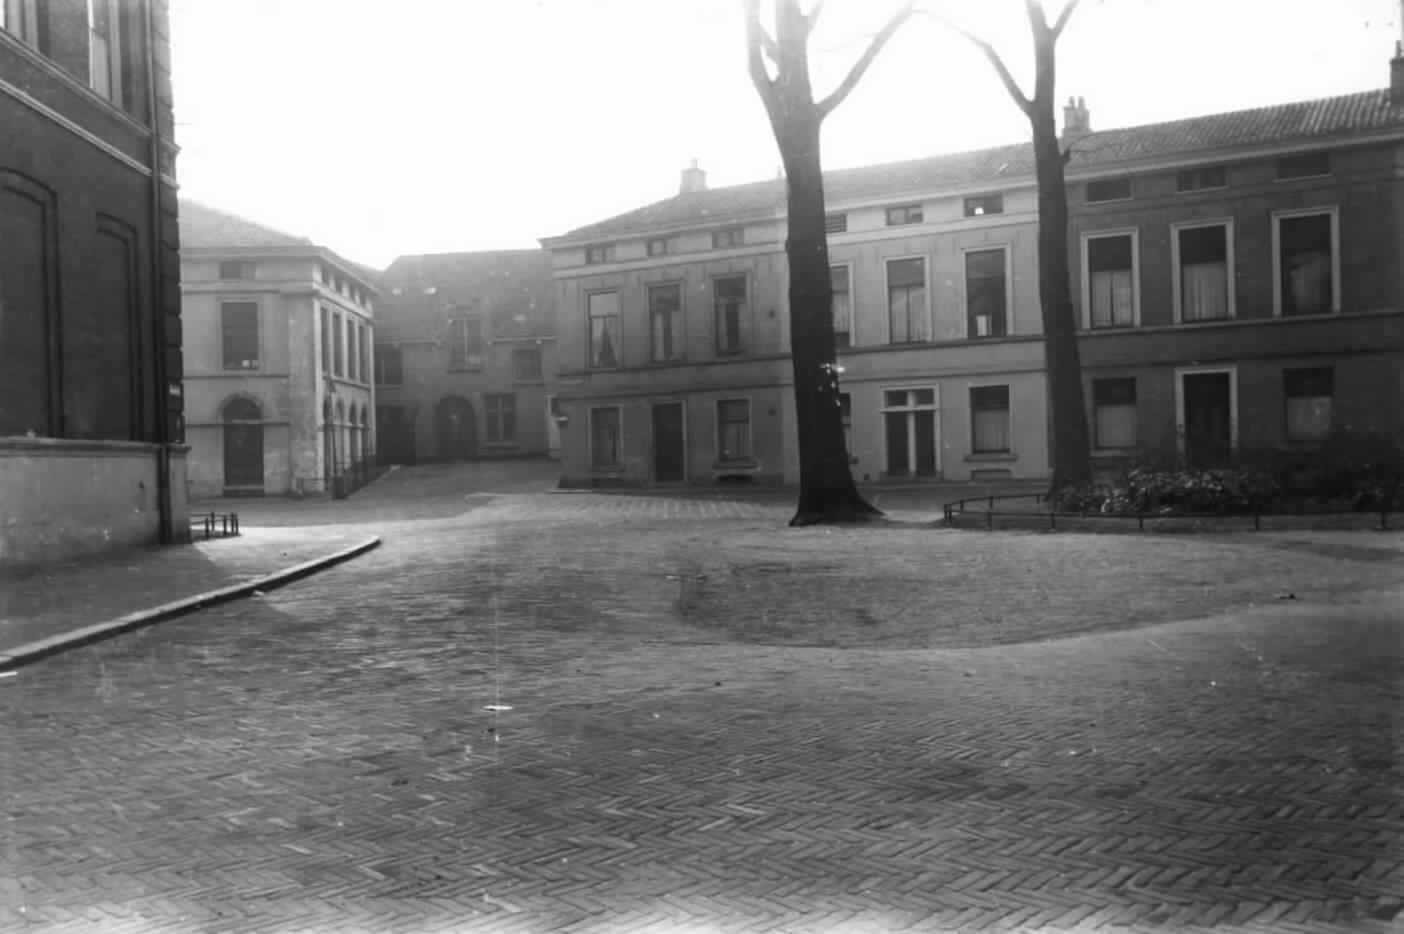 Van Asch van Wijckskade, Utrecht c.1955 (G.J.C.A.Smilda - Het Utrechts Archief)